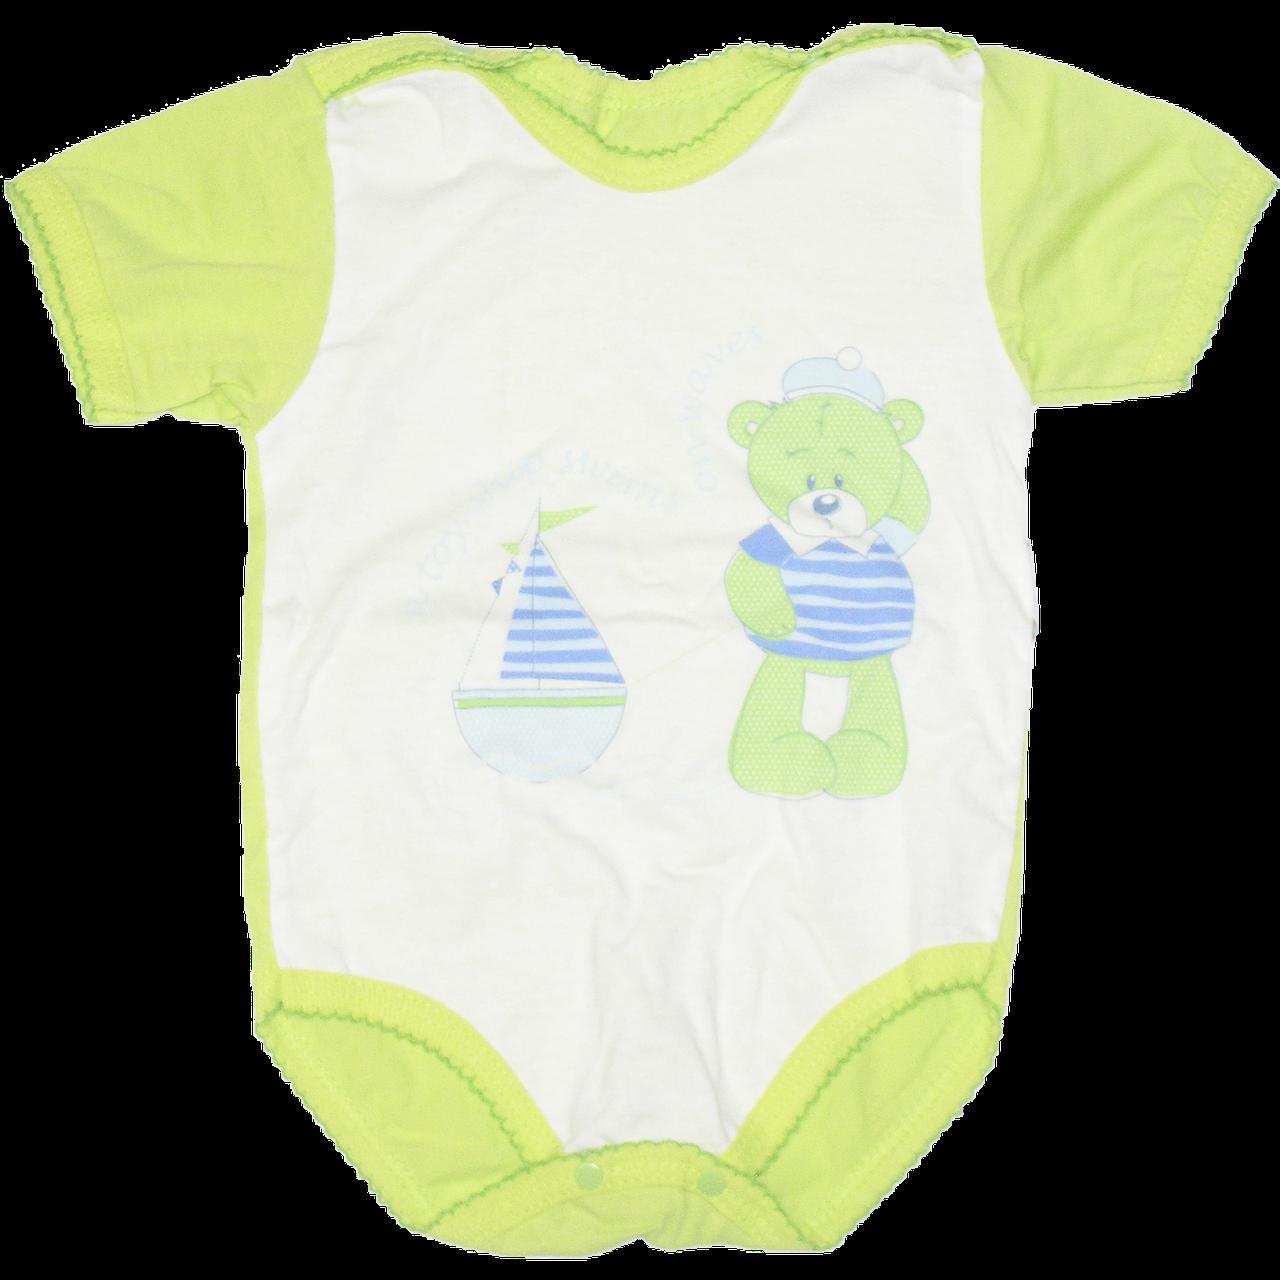 Детский боди-футболка р. 62 ткань КУЛИР 100% тонкий хлопок ТМ Незабудка 3078 Зеленый